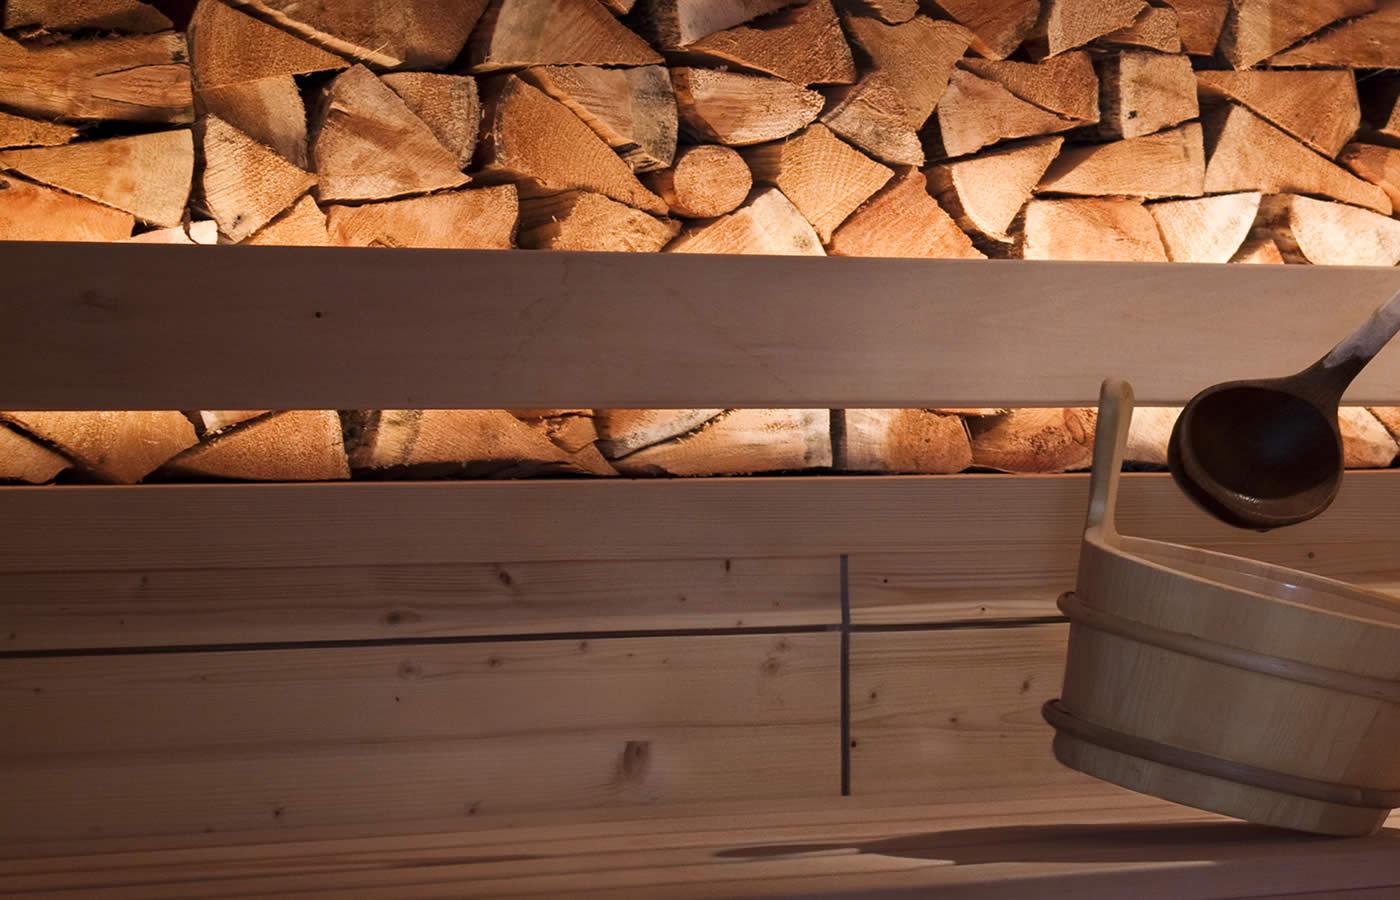 Hotel Natürlich - Finnische Feuer Sauna für Ihren Urlaub in Fiss, Österreich.